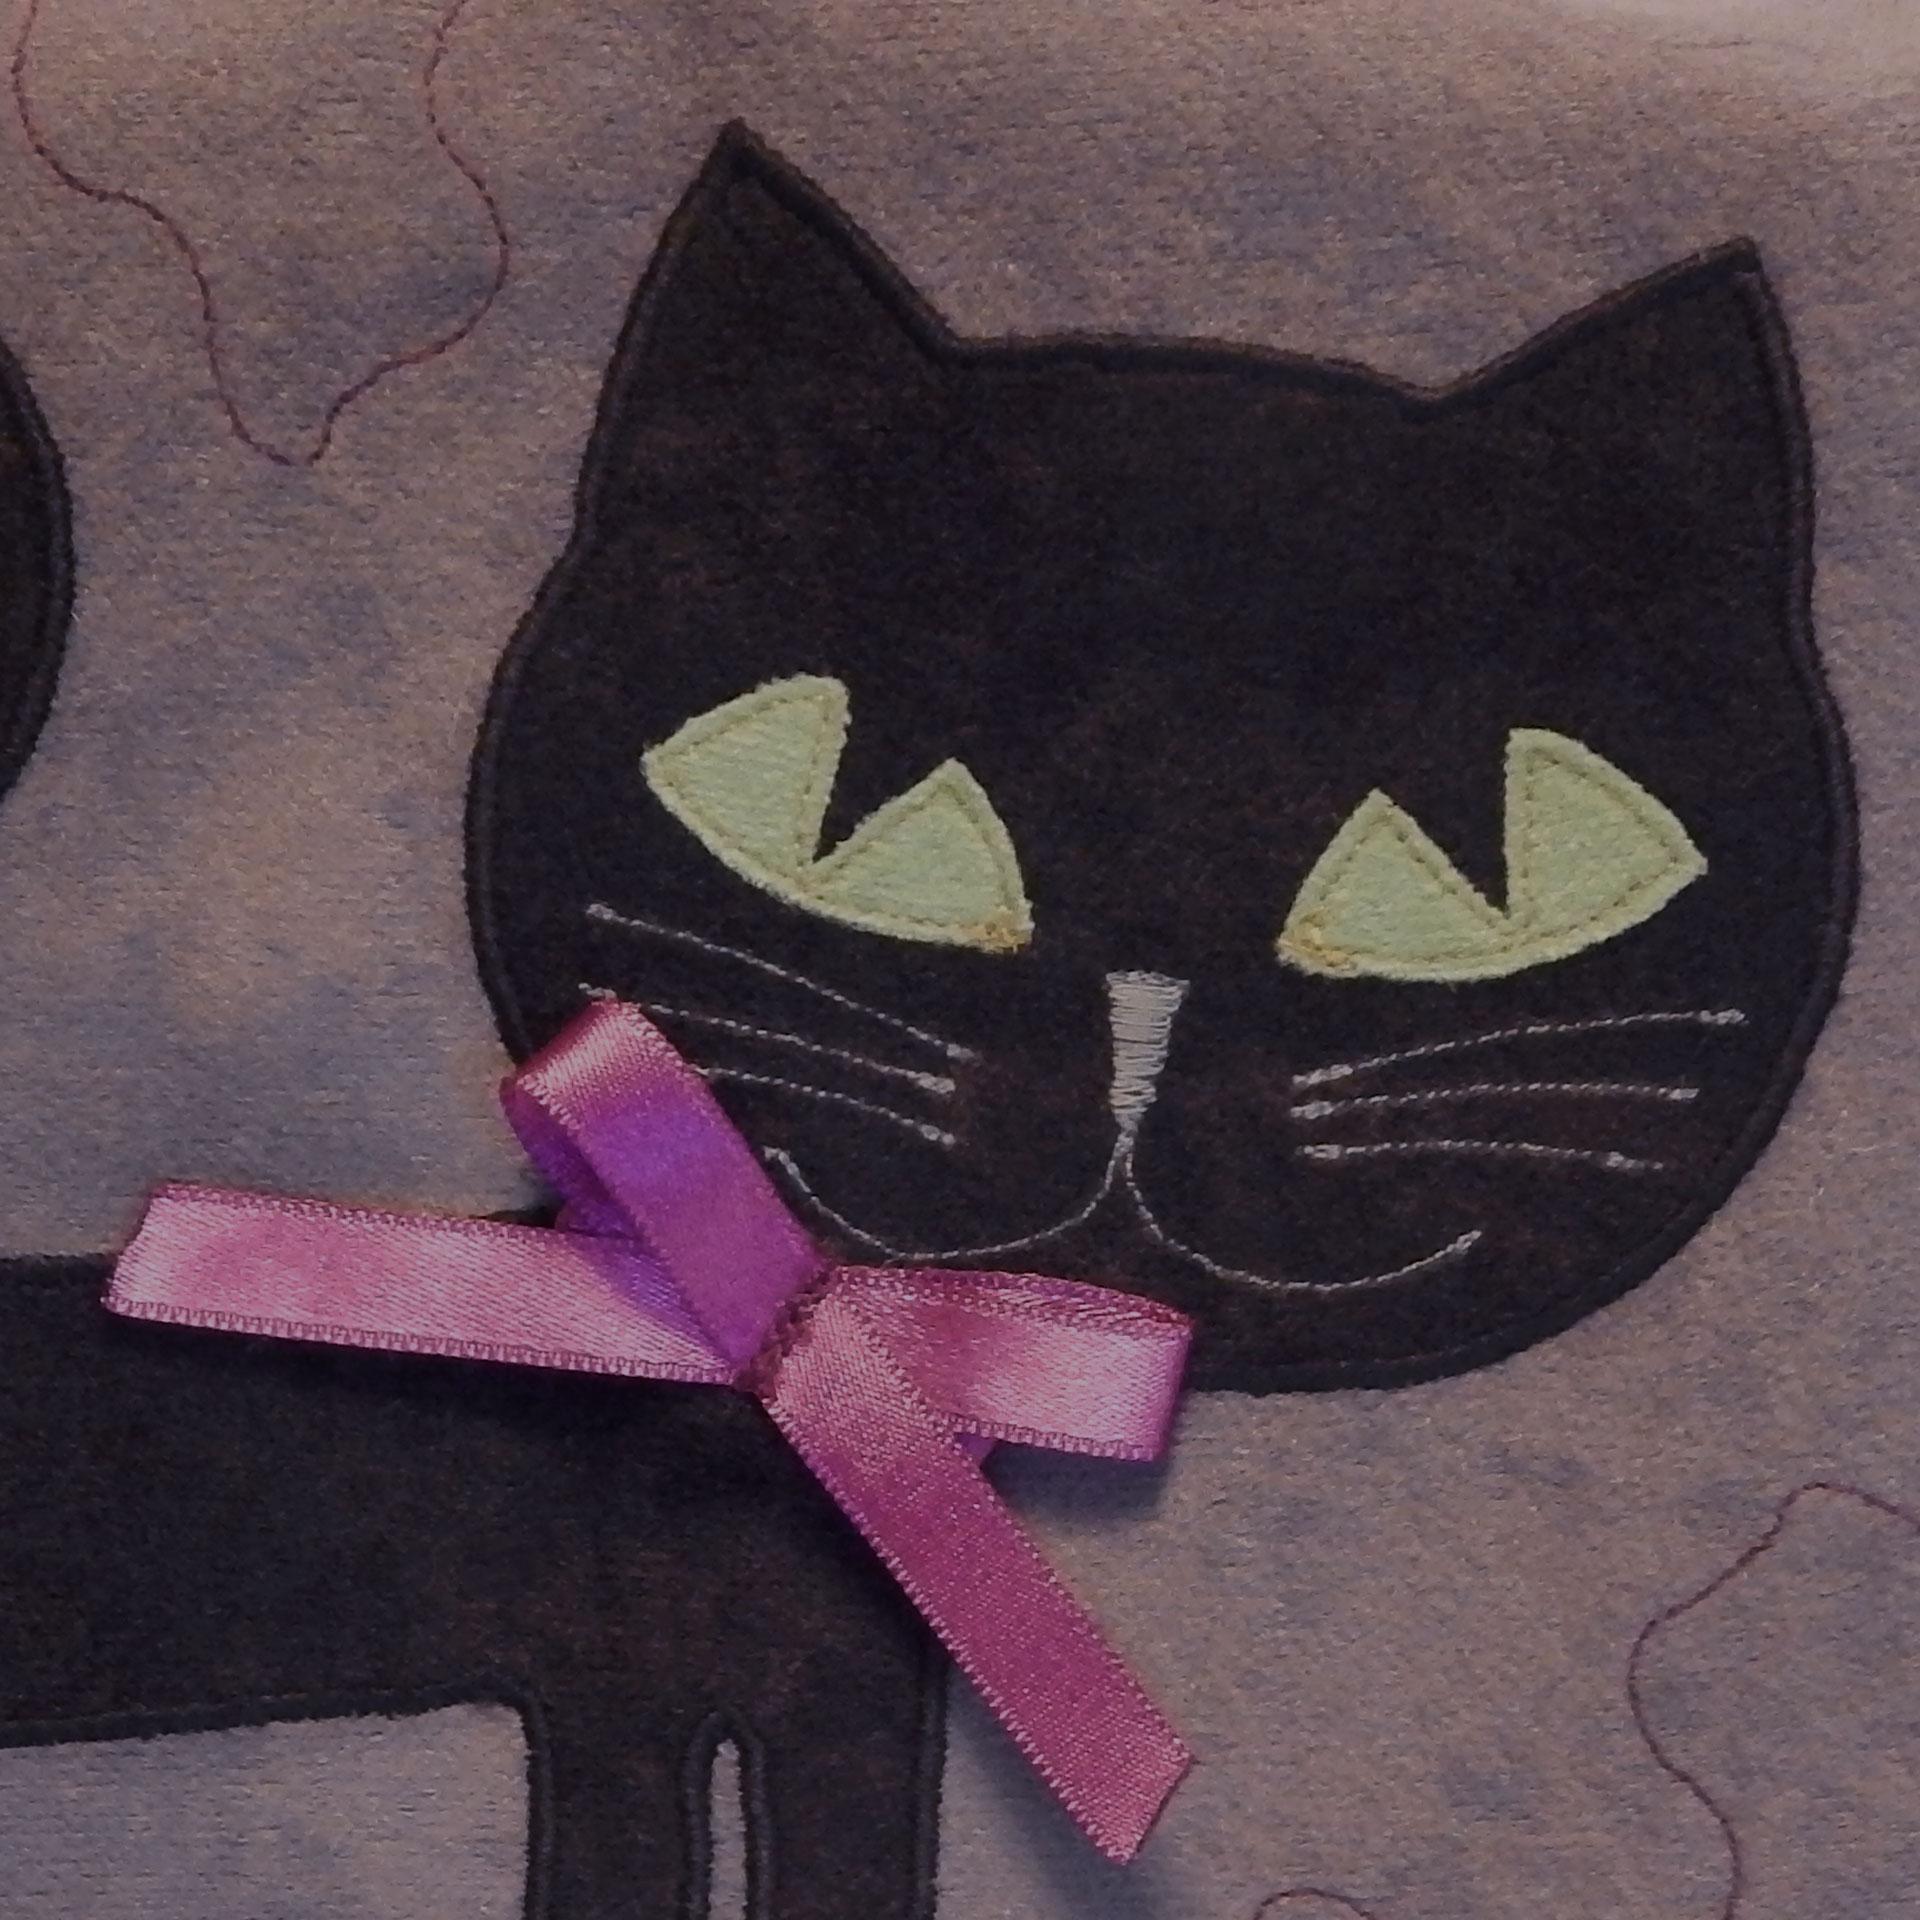 Veća crna maca